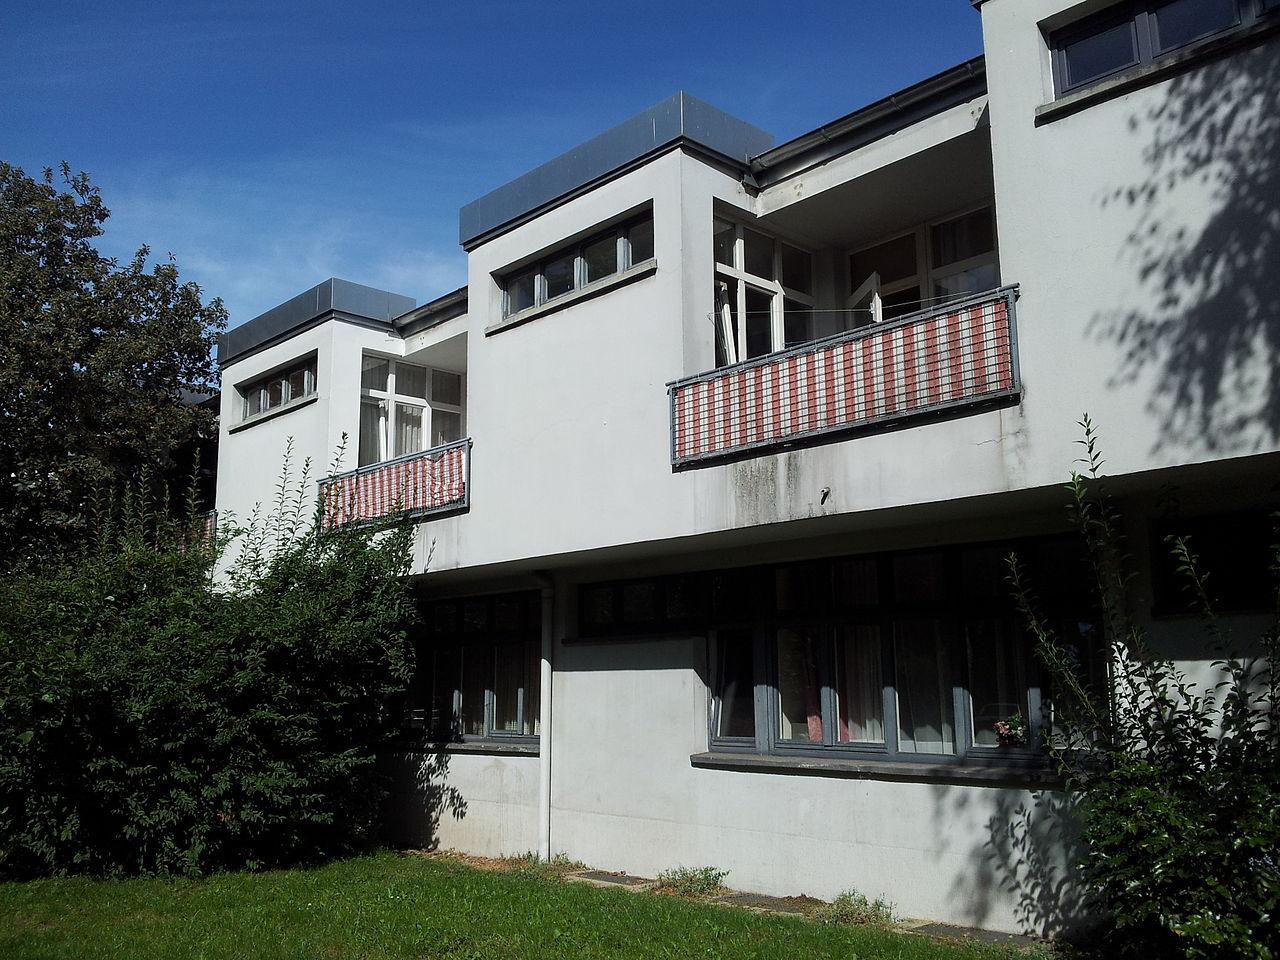 Bild Hellerhof Siedlung Frankfurt am Main